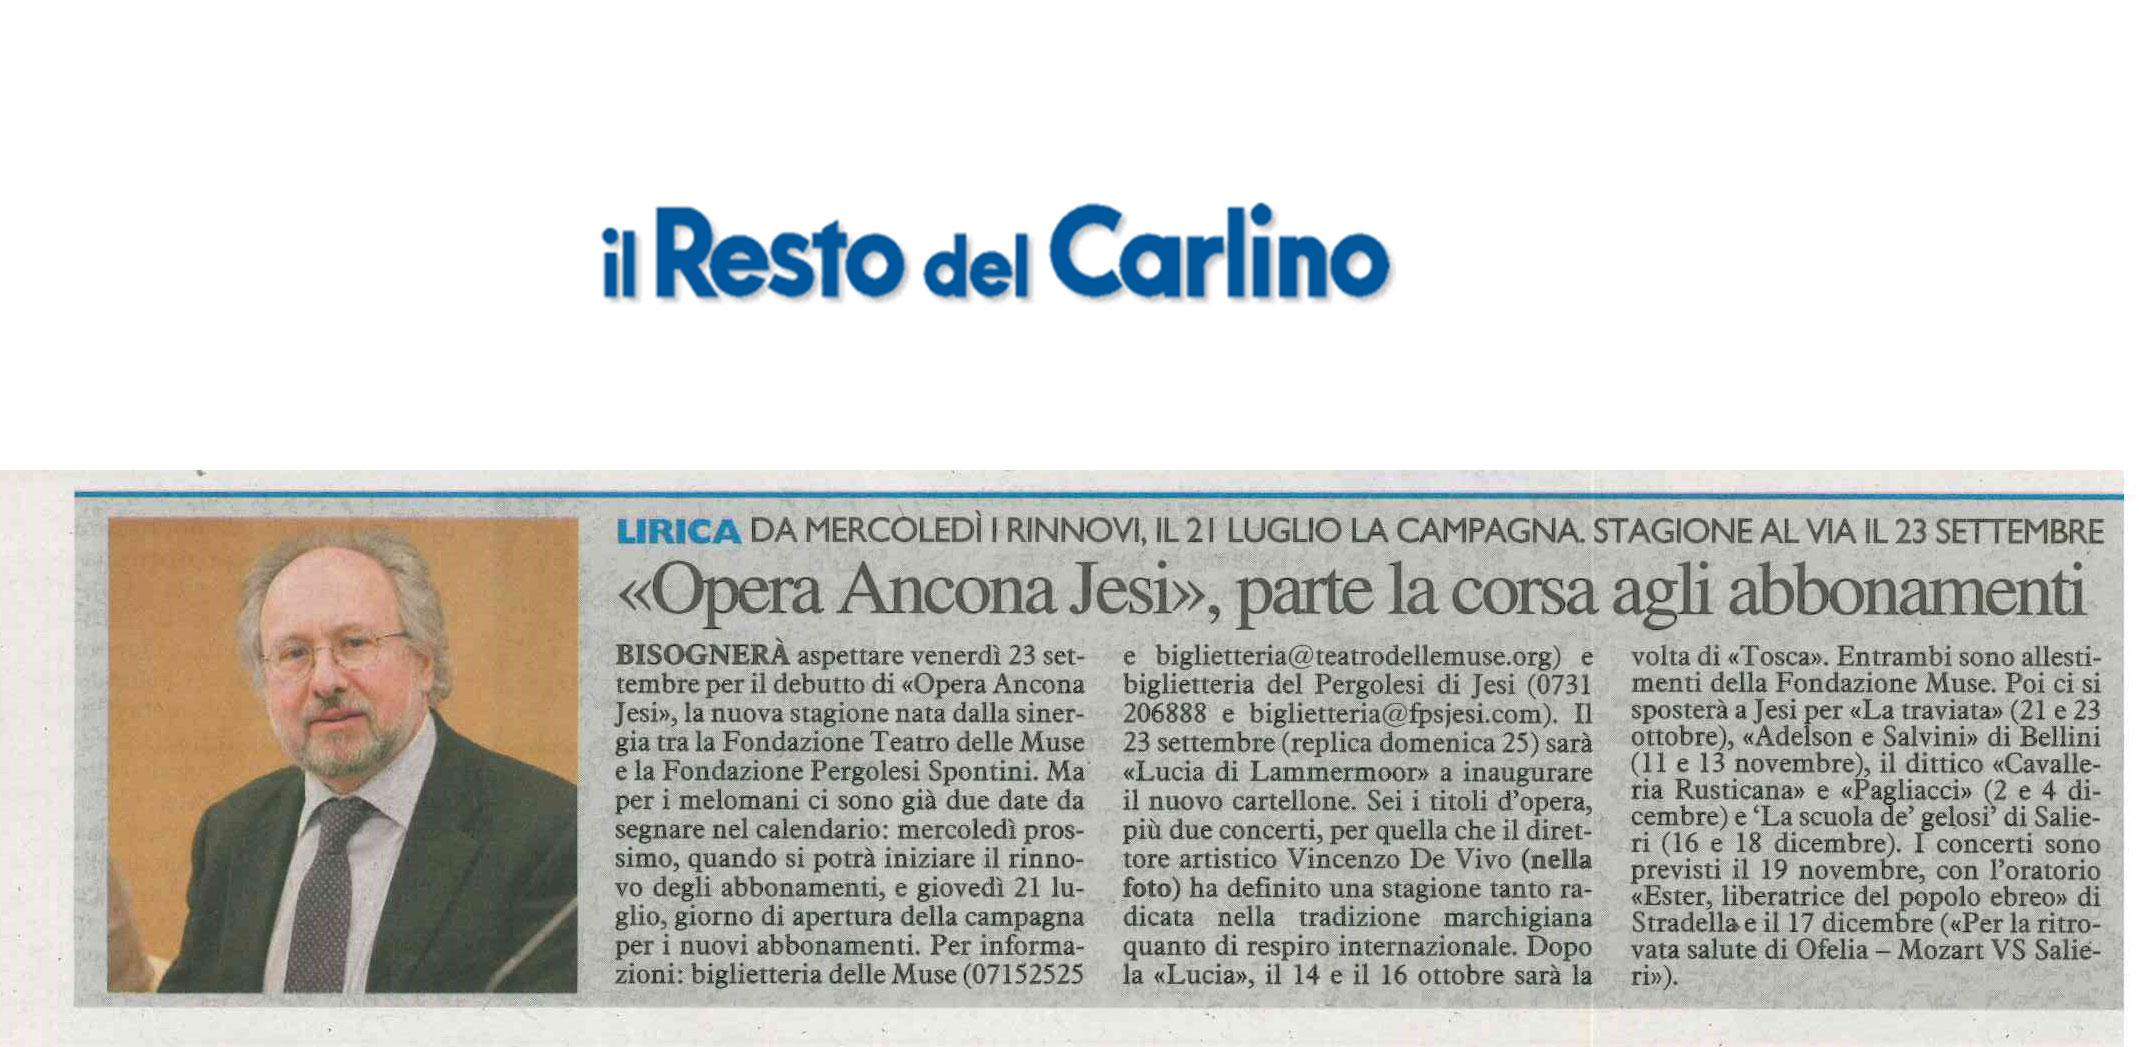 2016_06_09_-Opera-Ancona-Jesi,parte-la-corsa-agli-abbonamenti